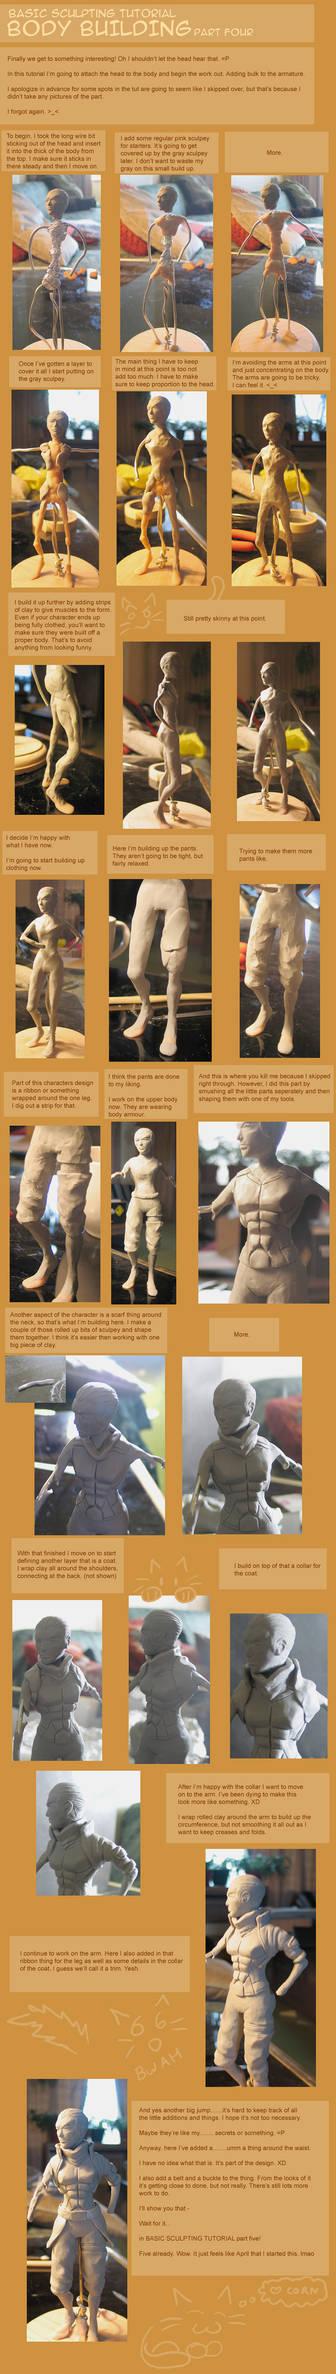 Tutorial 4 - Body Building